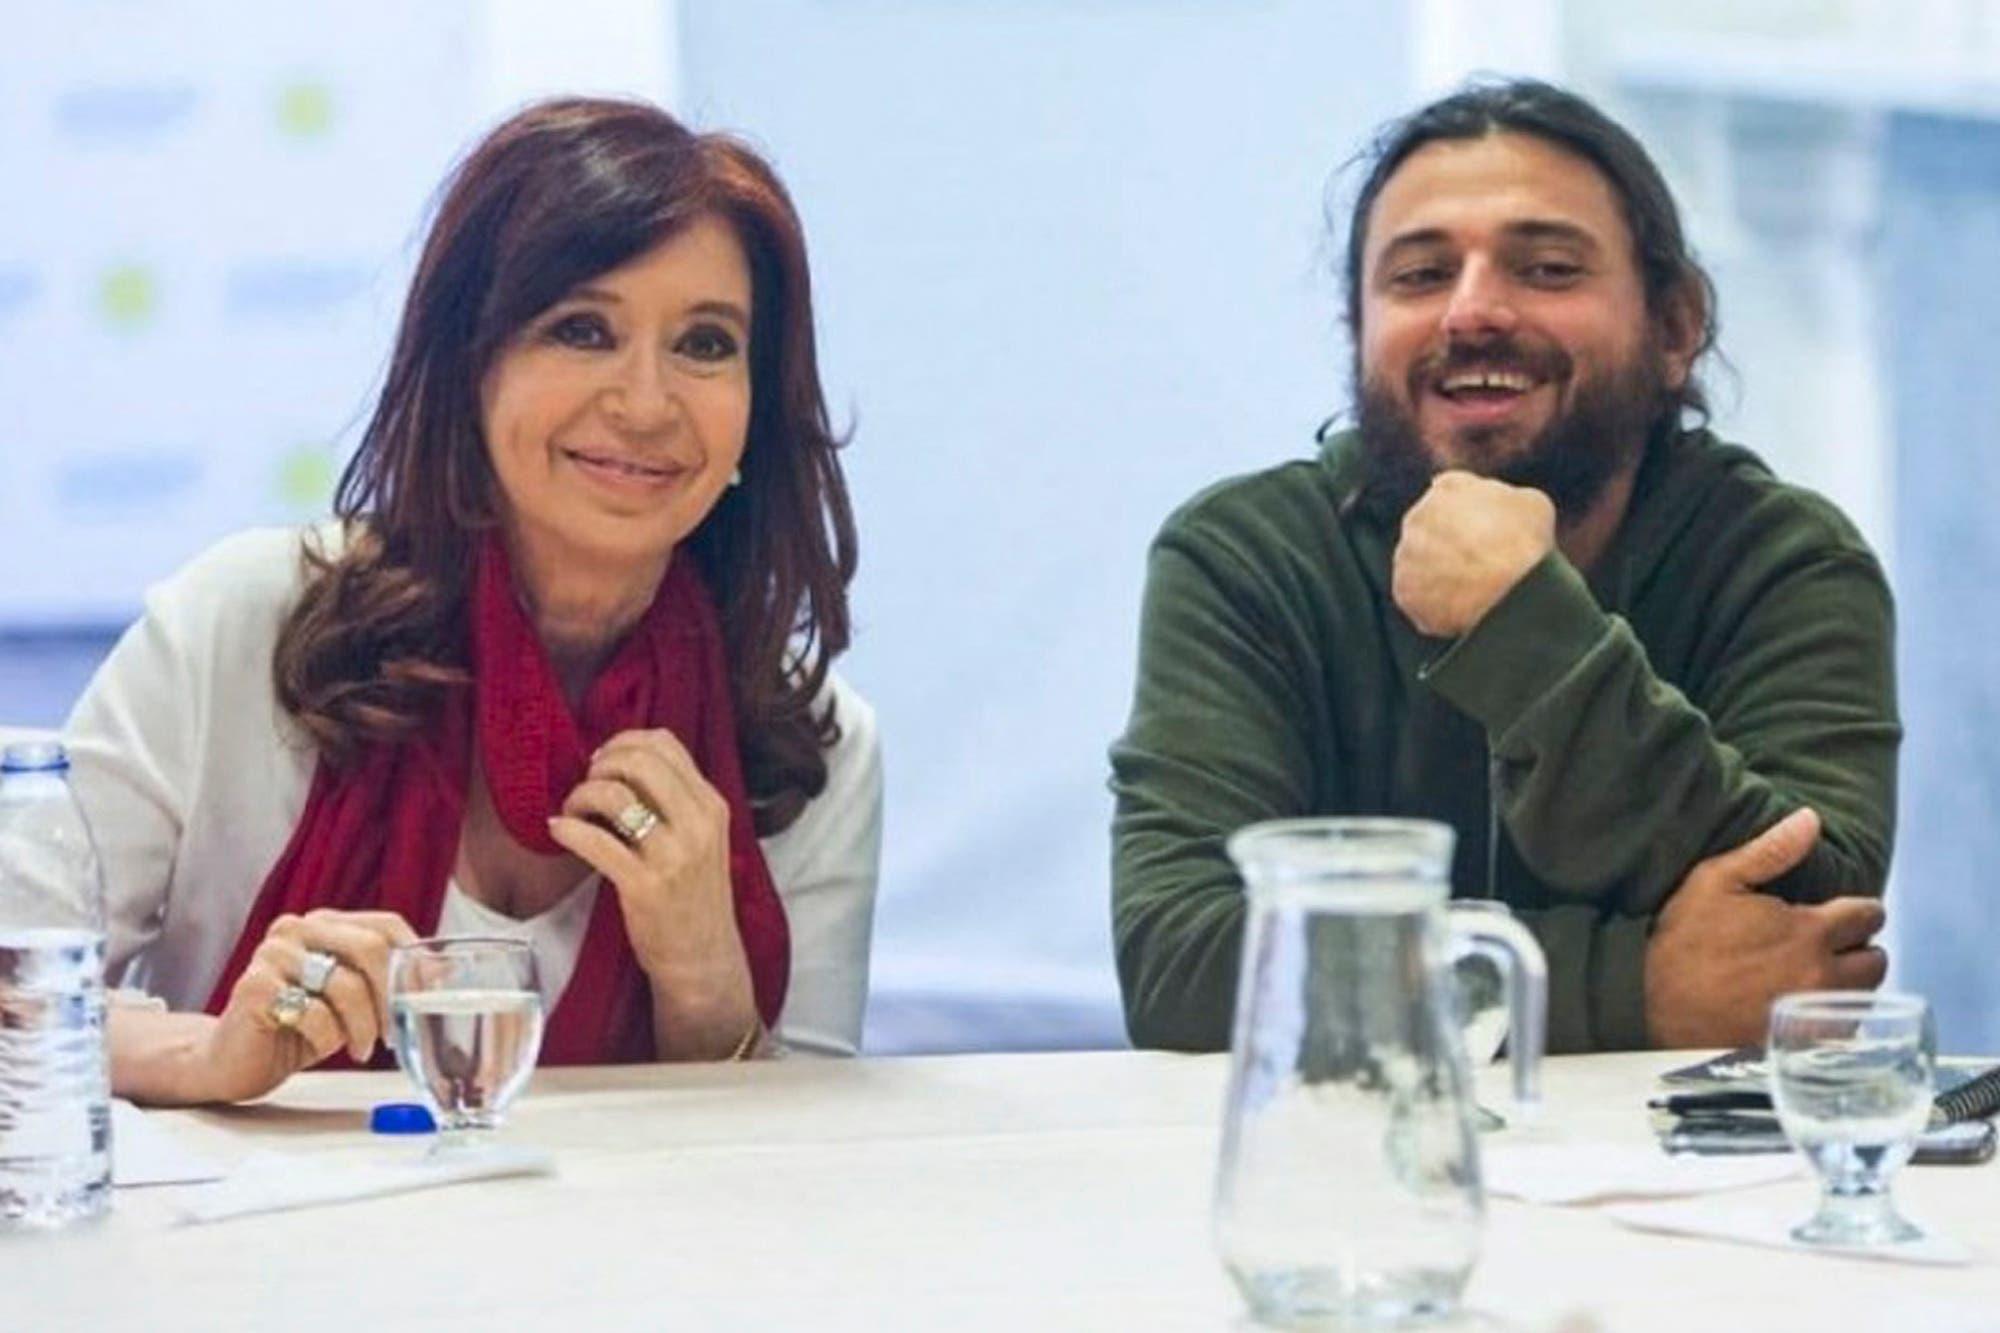 """Grabois apuntó contra Macri después de las PASO: """"Sigue arruinando la Argentina"""""""